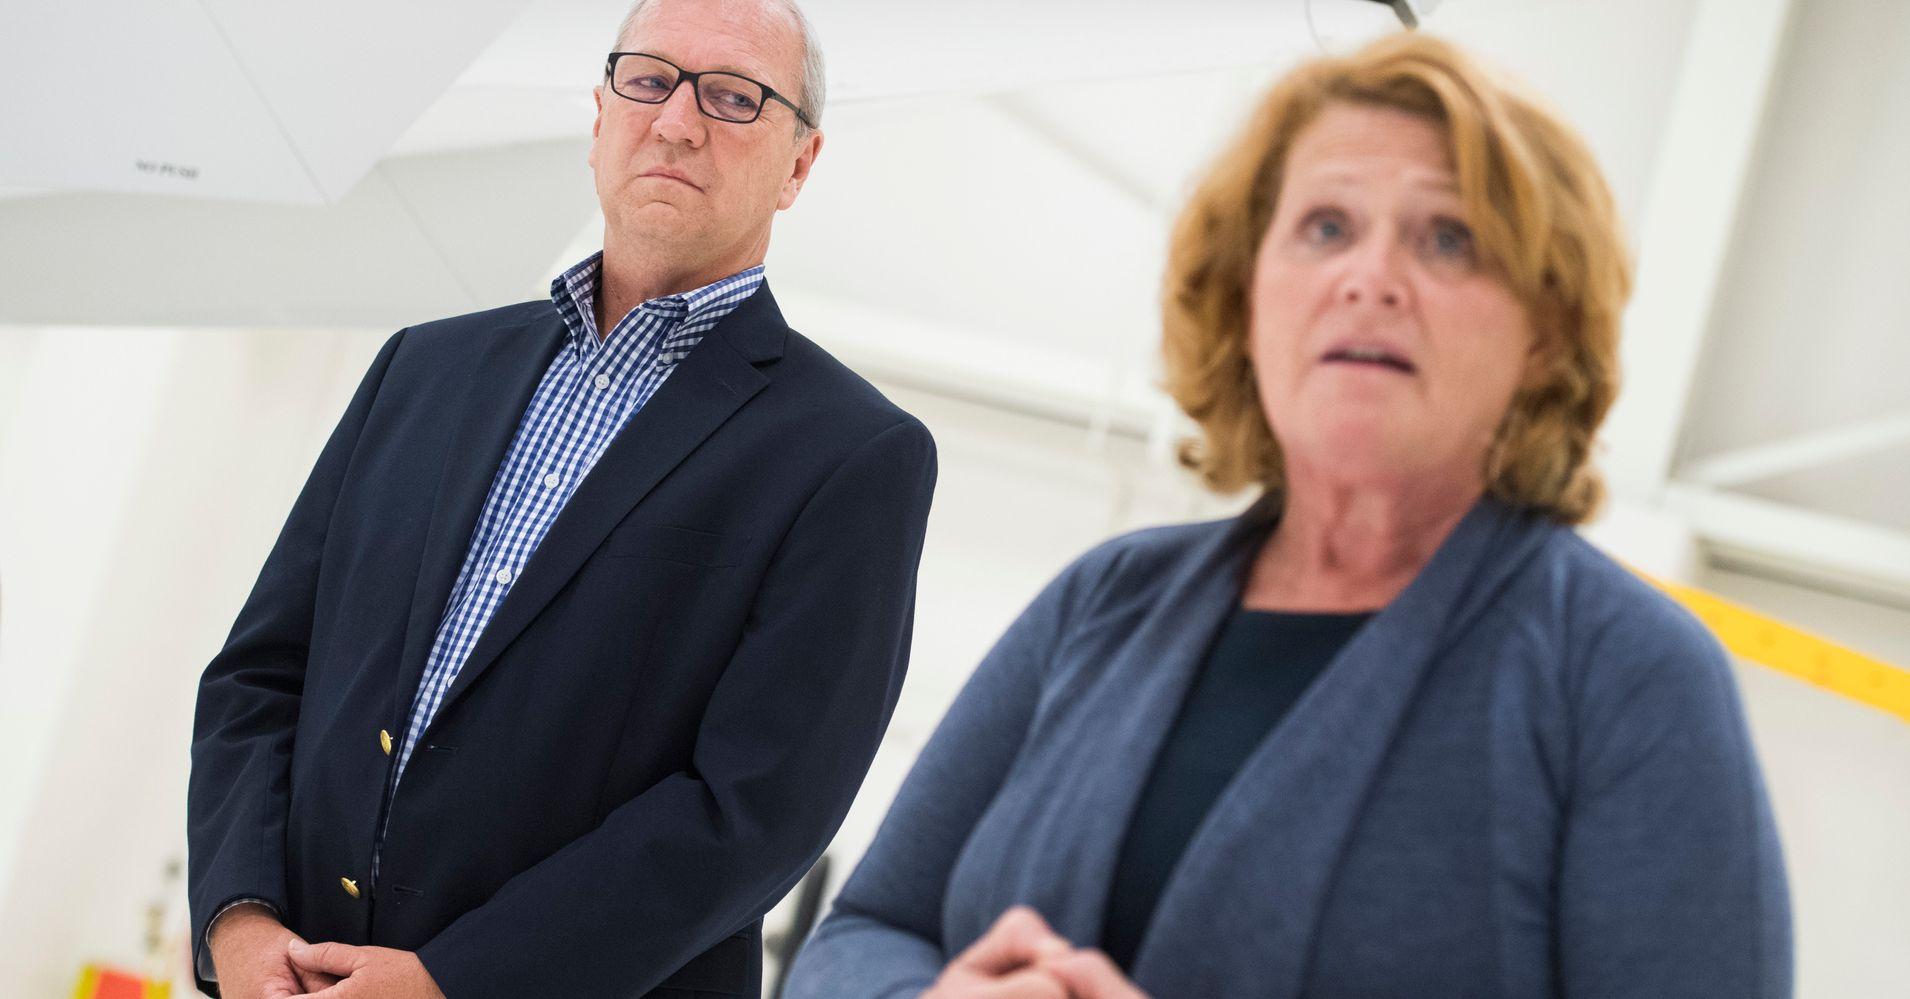 GOP Senate Hopeful Kevin Cramer Calls Me Too A 'Movement Toward Victimization'